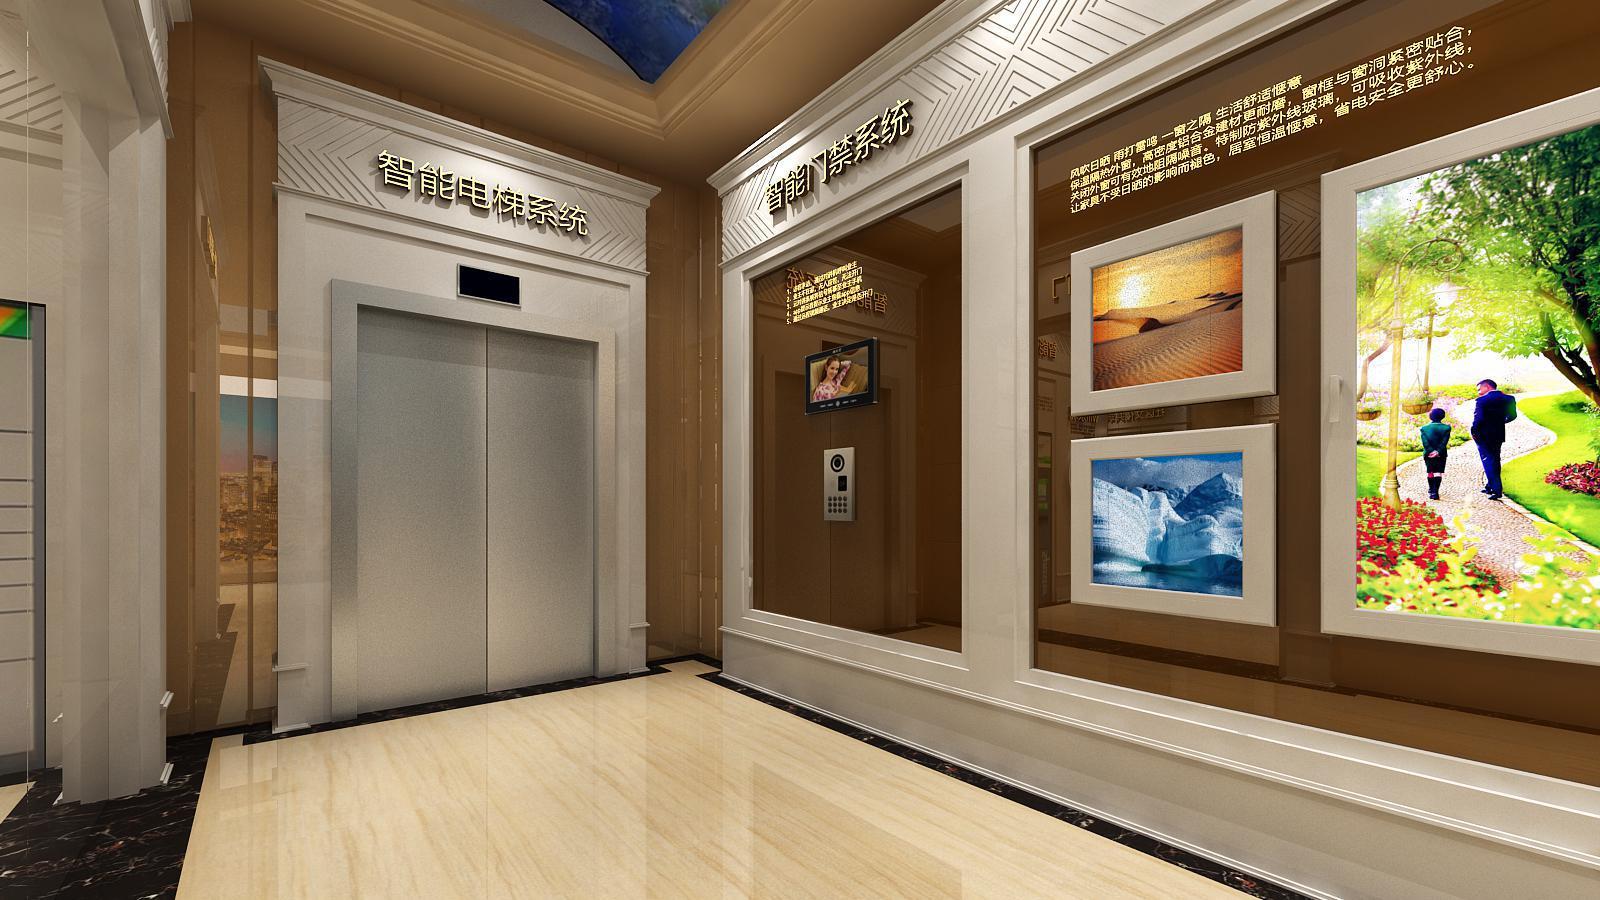 碧桂园新城体验馆设计方案之转角设计效果图